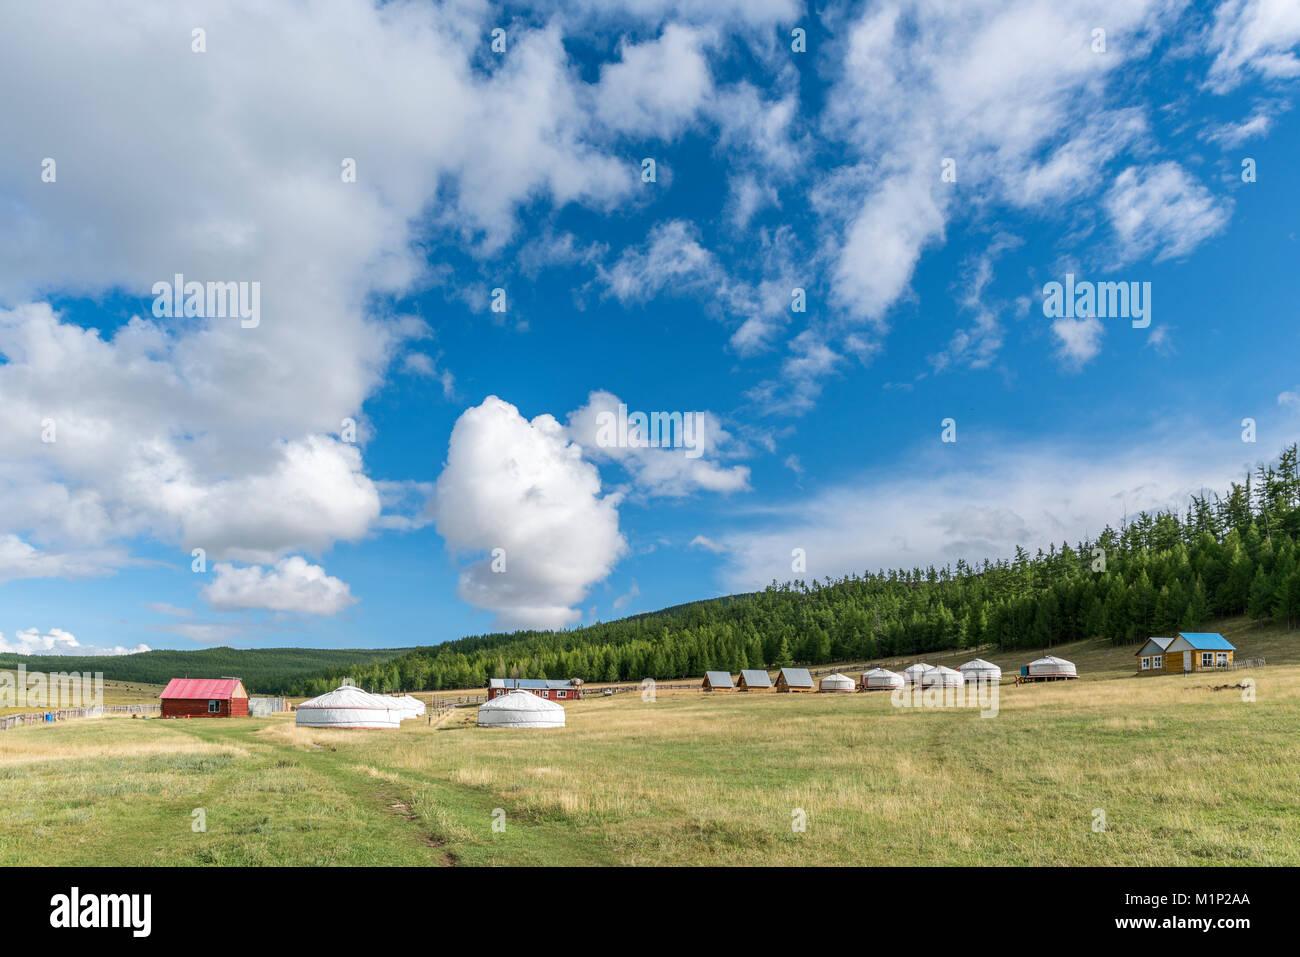 Ger camp, Burentogtokh turístico distrito, provincia Hovsgol, Mongolia, Asia Central, África Imagen De Stock